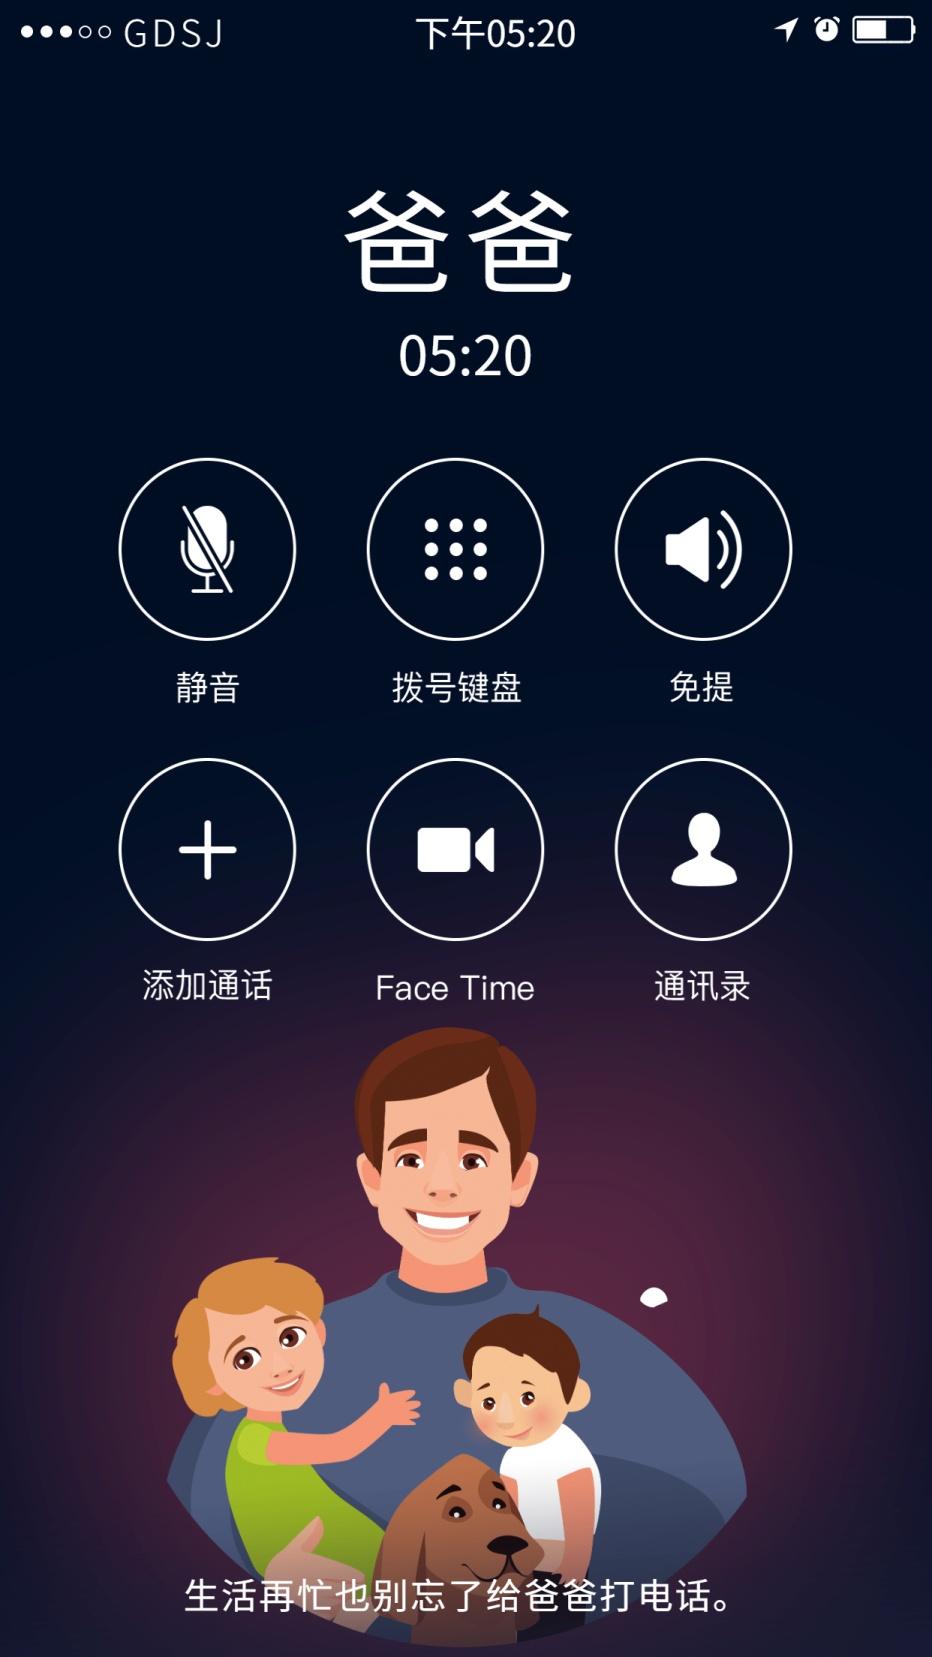 爸爸父亲节快乐手机海报